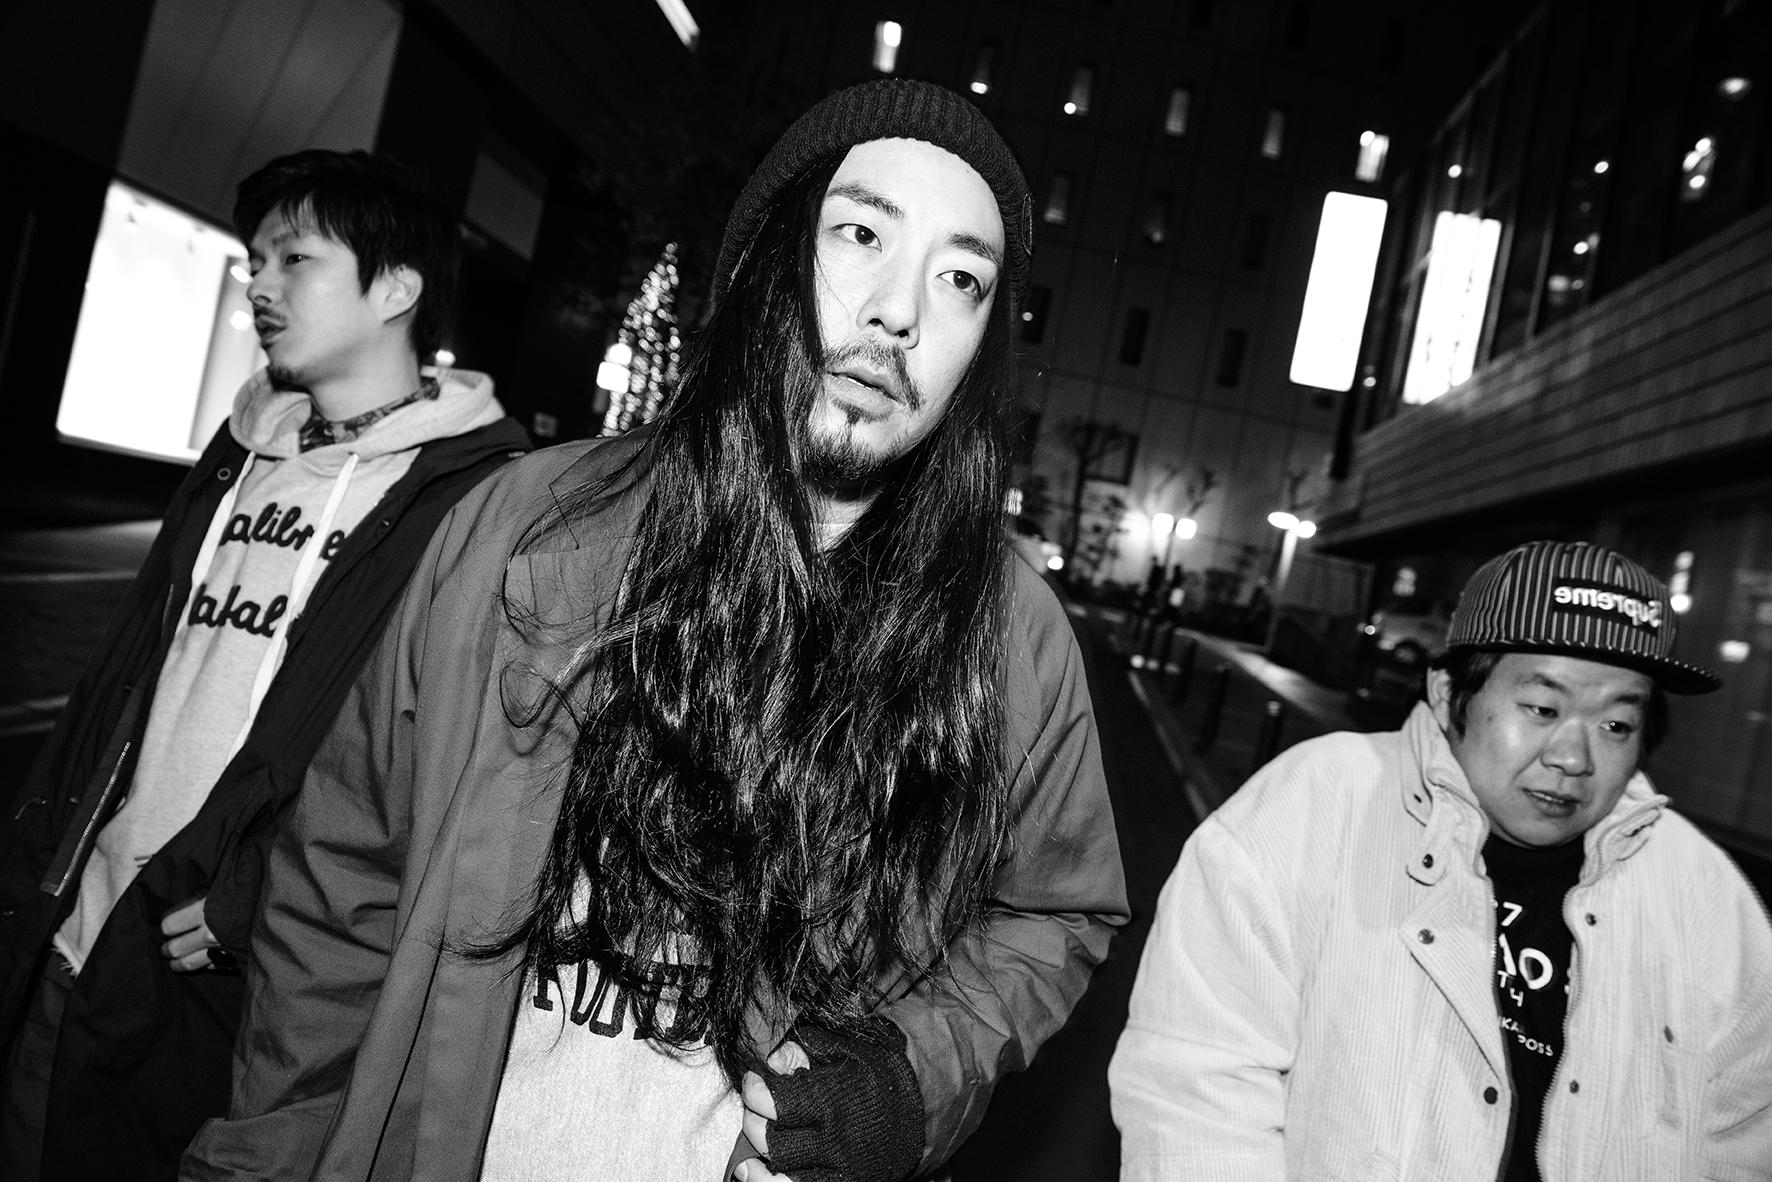 Japanese punk hardcore